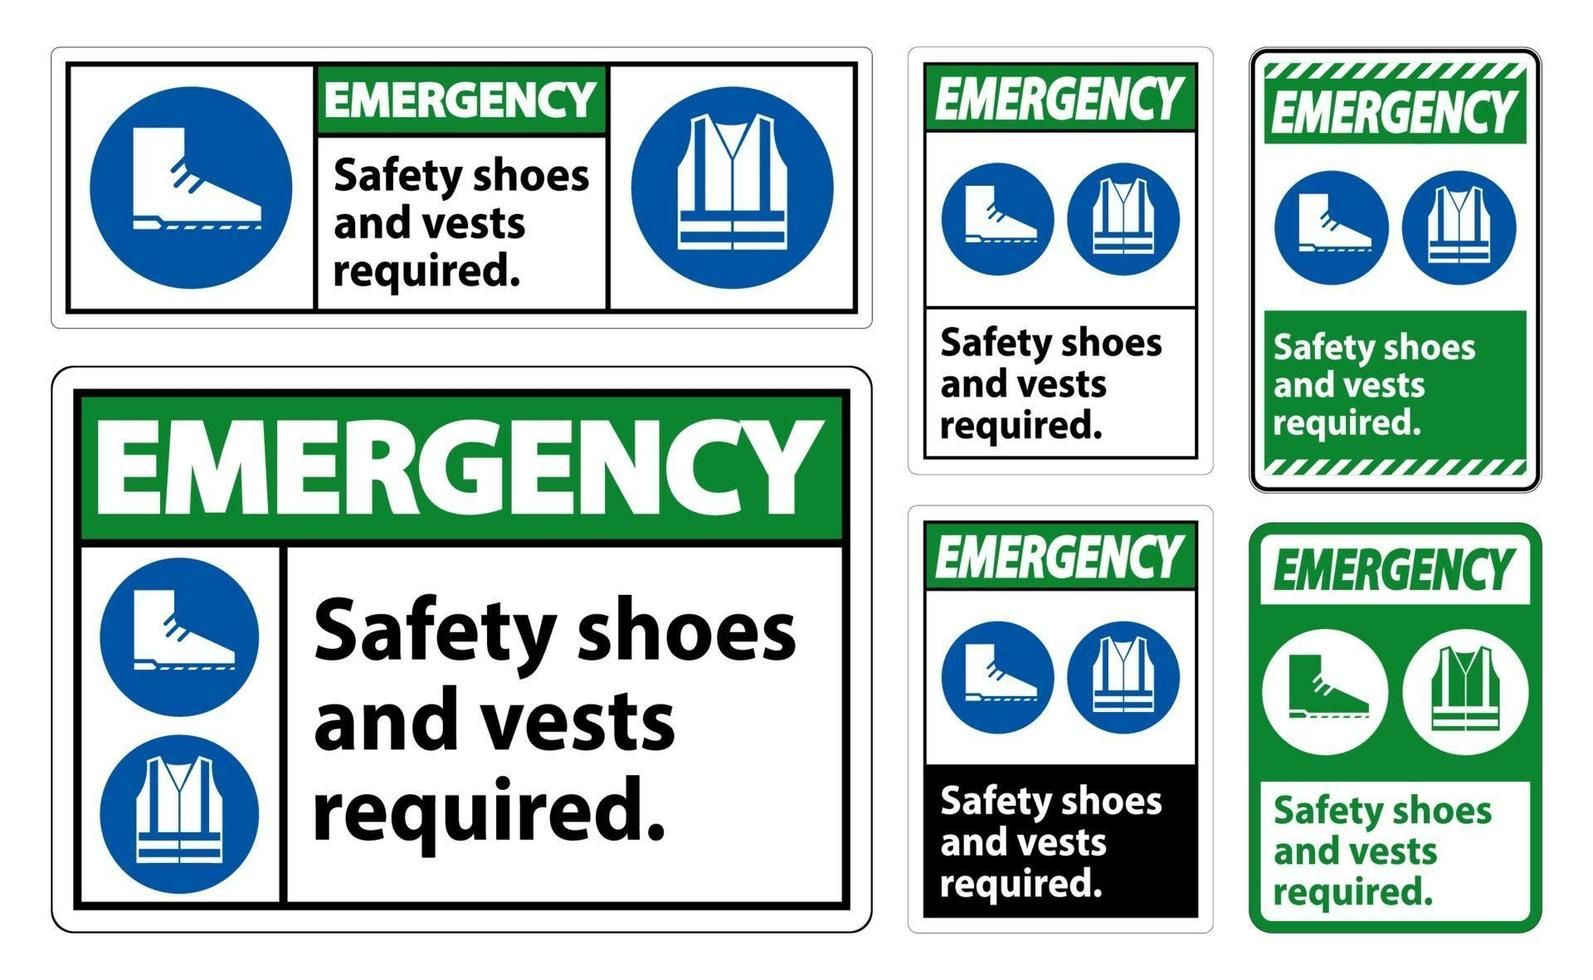 segnaletica di emergenza scarpe di sicurezza e giubbotto richiesti con simboli ppe su sfondo bianco, illustrazione vettoriale